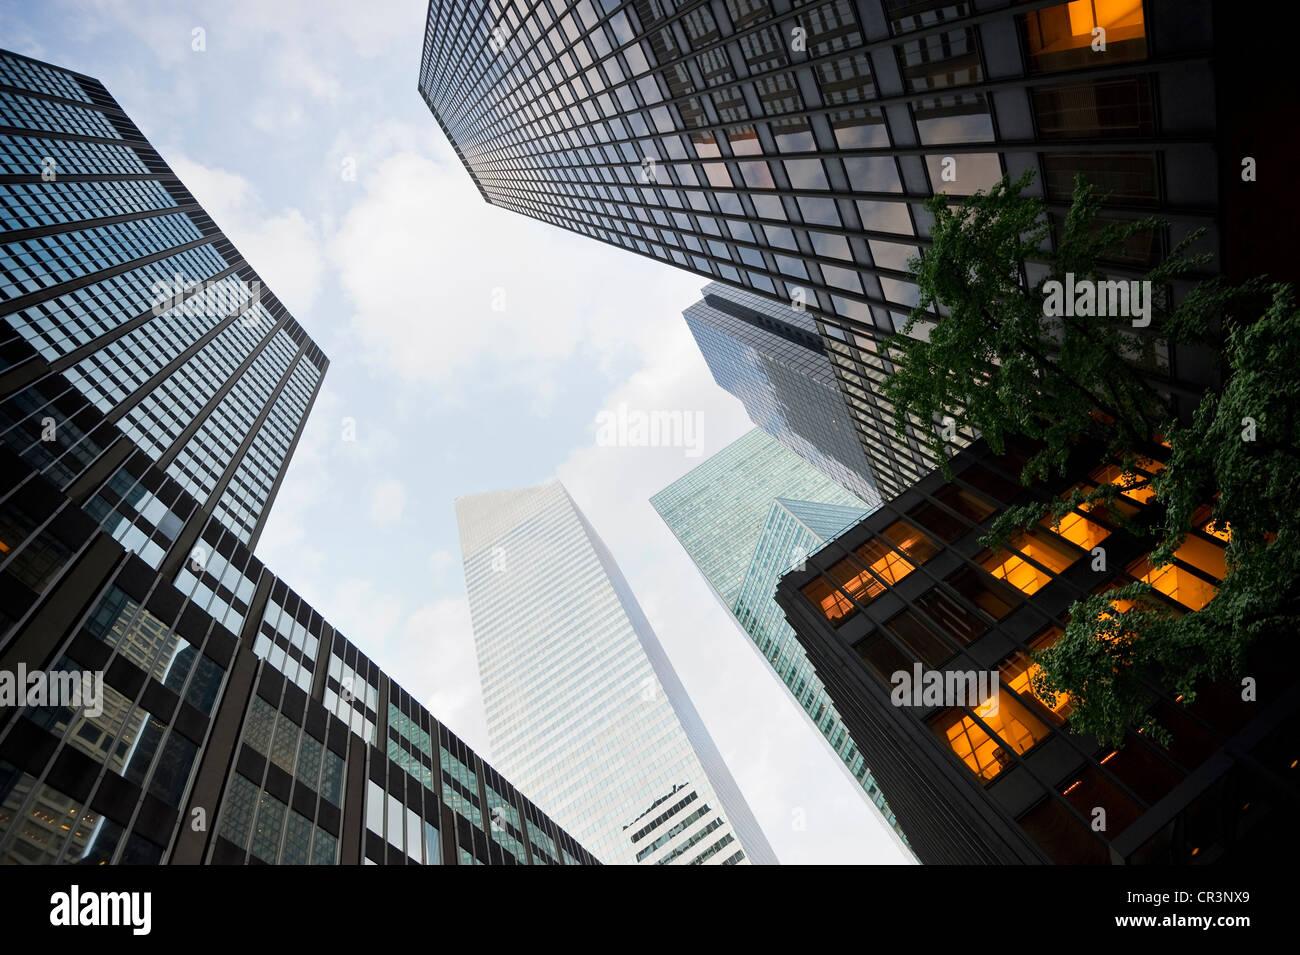 Edificios de gran altura, Park Avenue, Manhattan, Nueva York, Estados Unidos, América Imagen De Stock